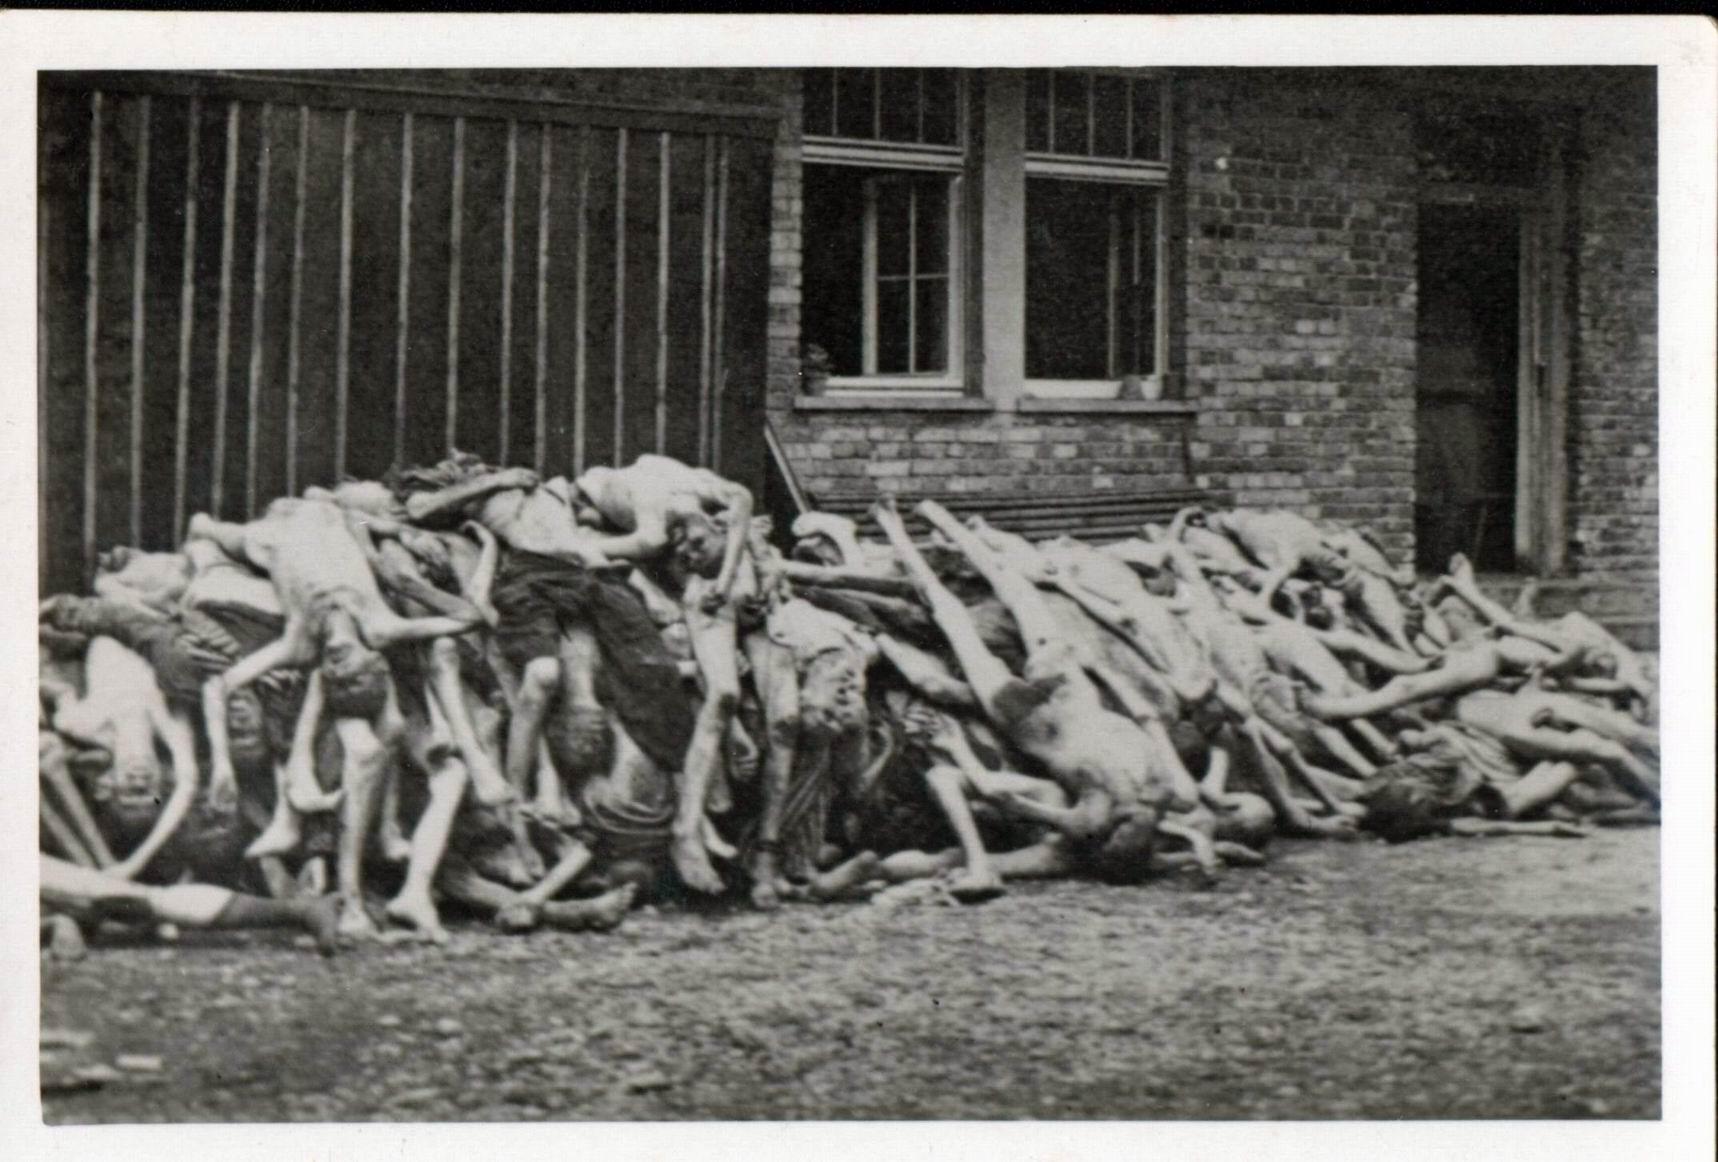 Dachau Crematorium During The Holocaust